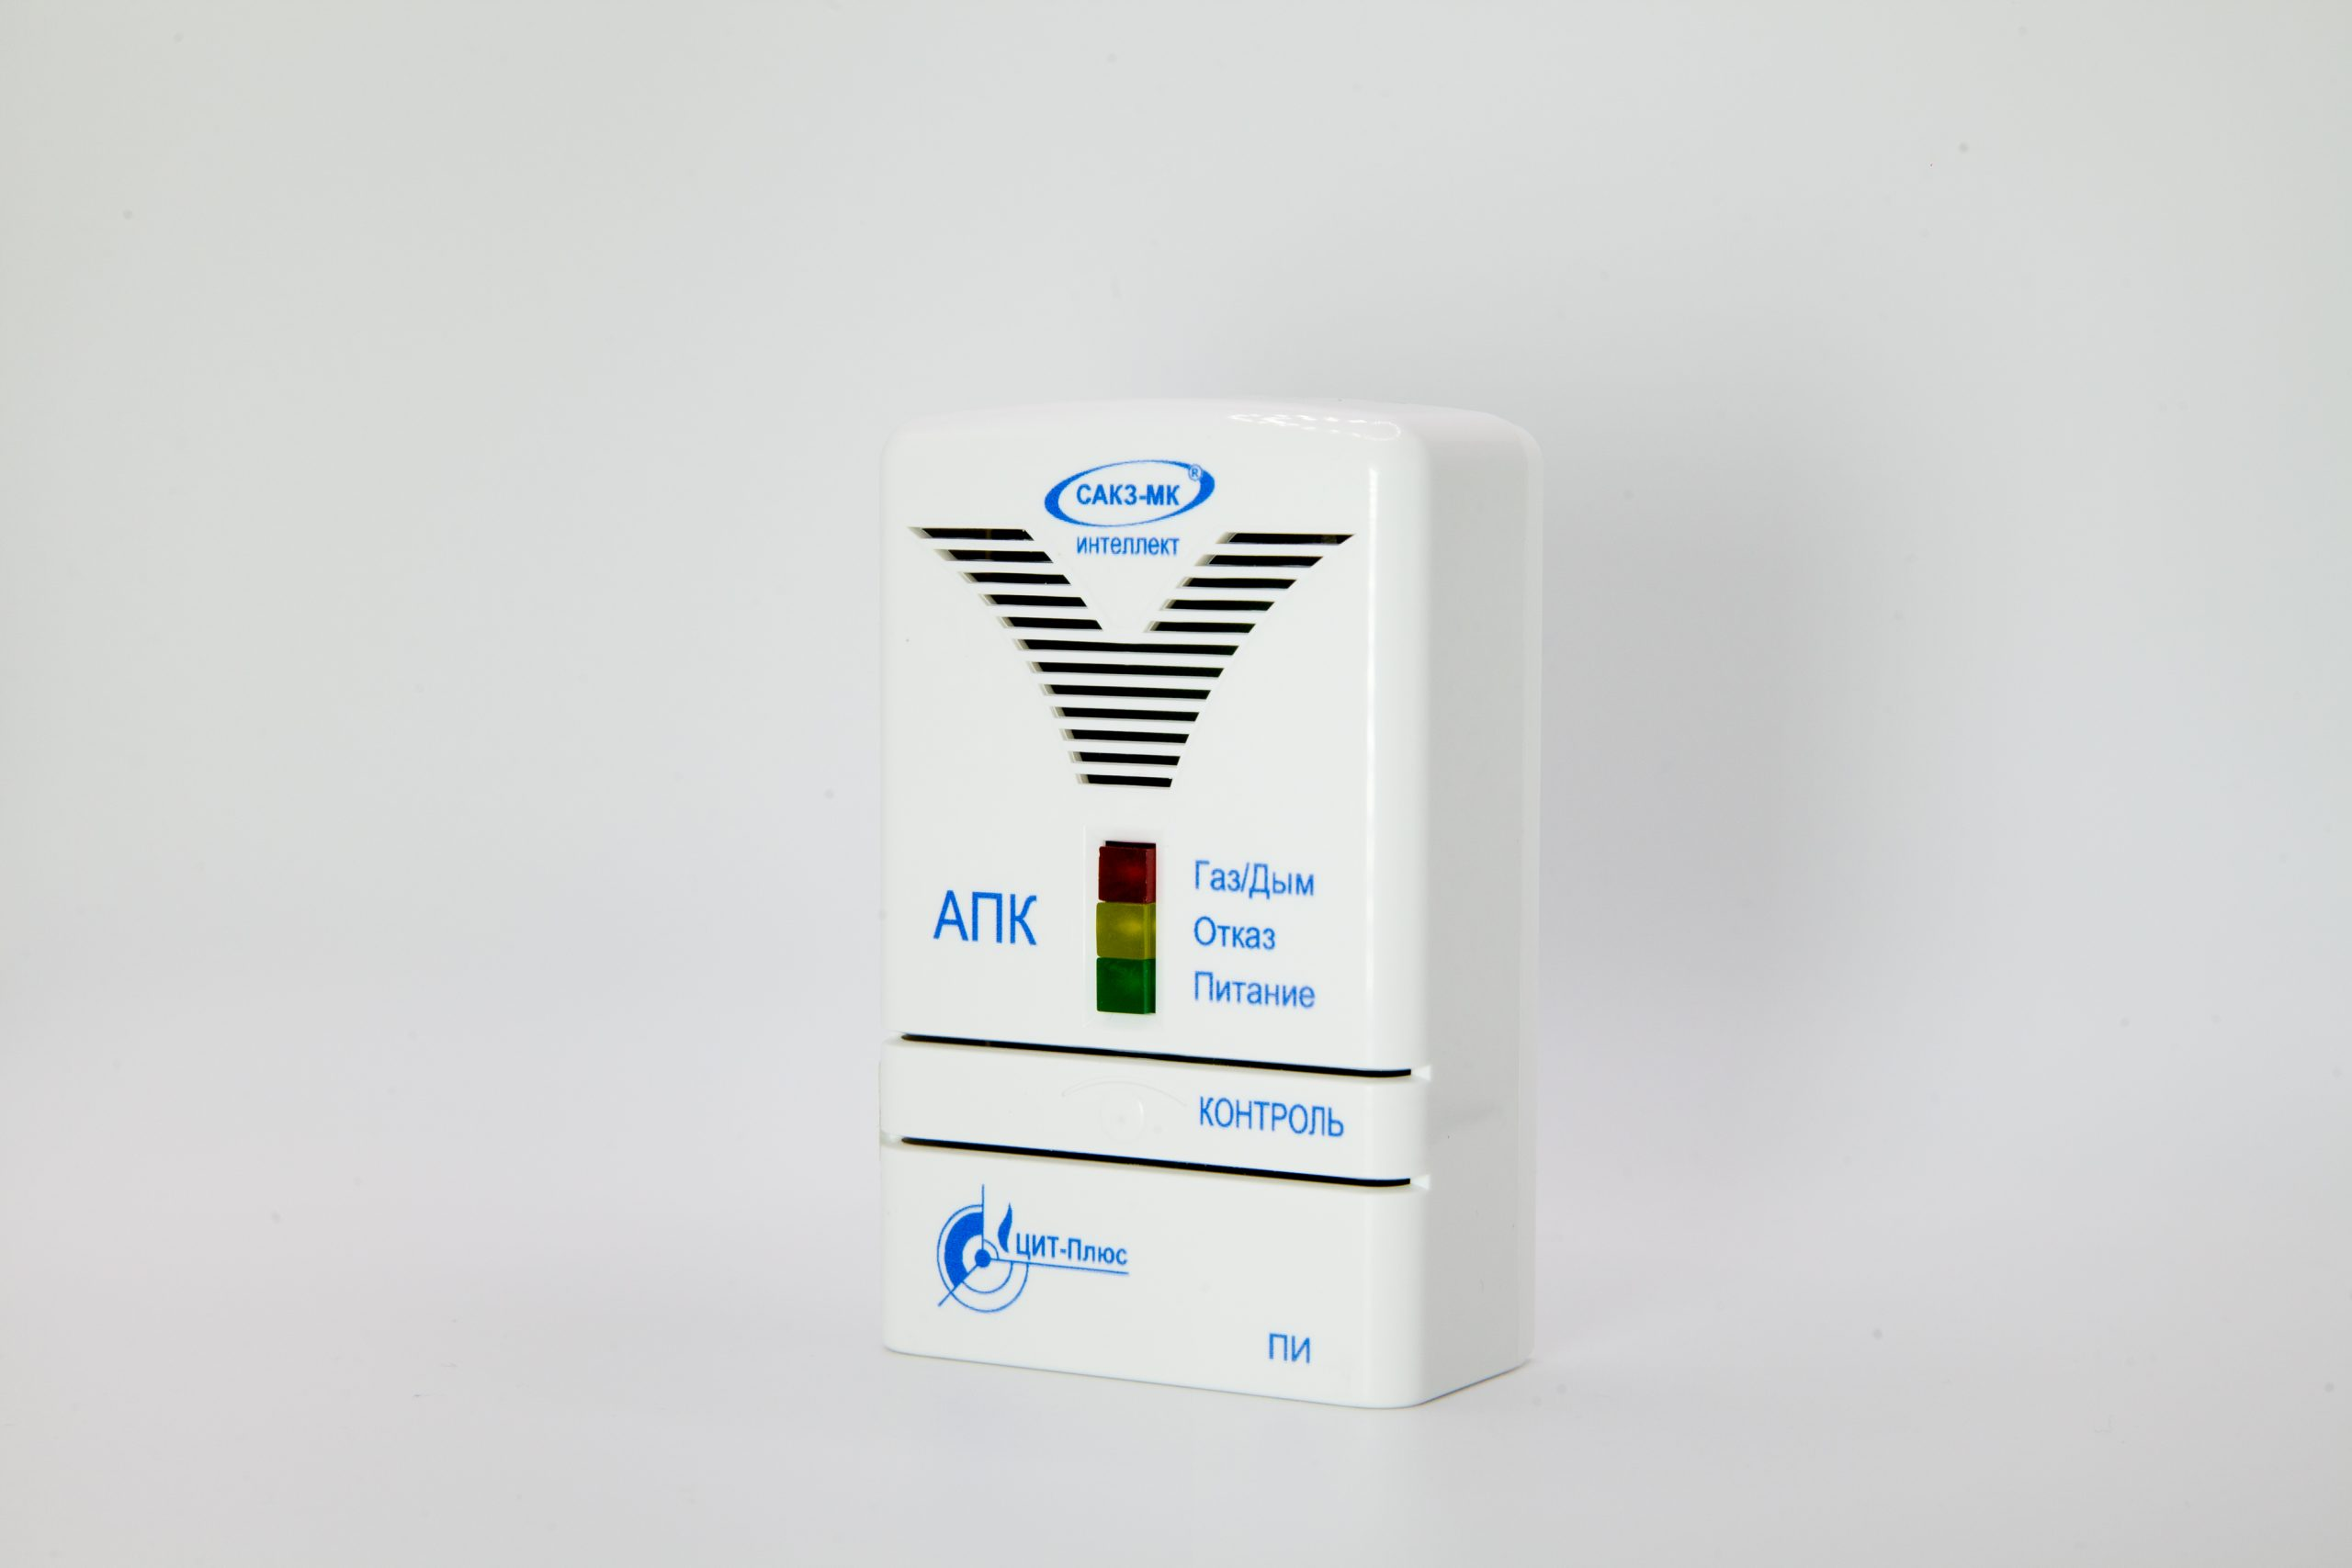 Адаптер-пульт контрольный АПК